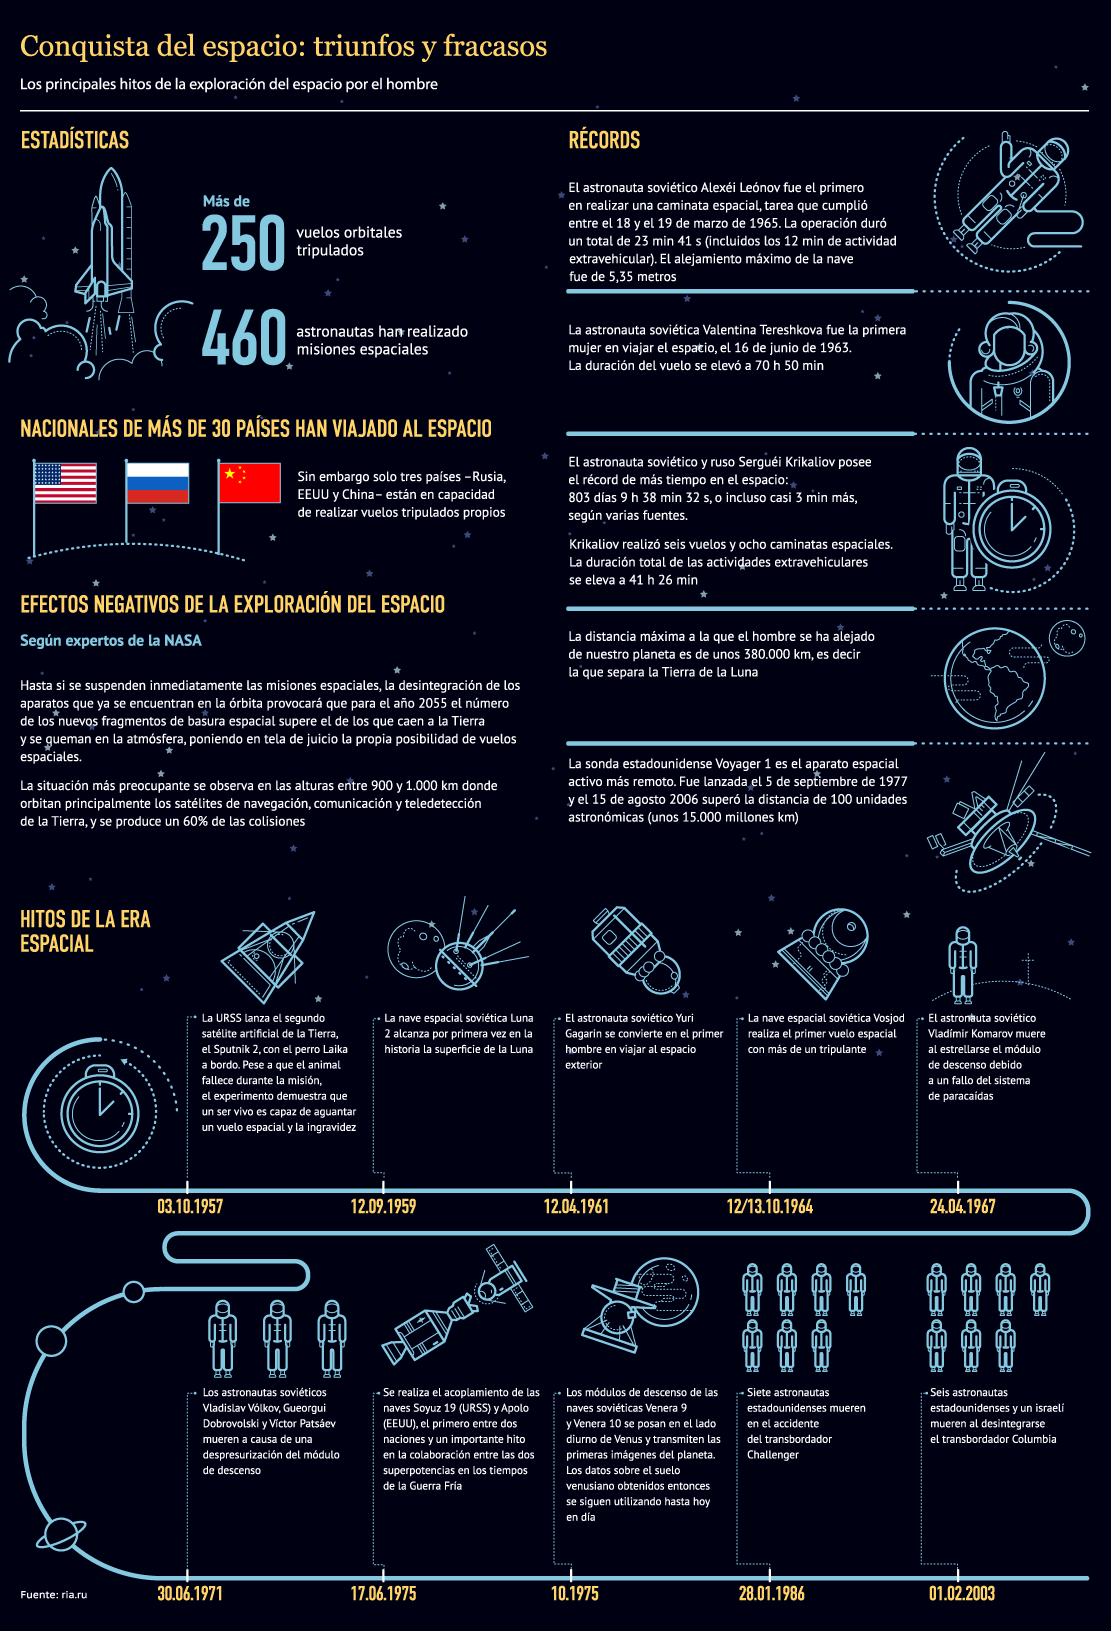 Hacia las estrellas: héroes de la URSS de exploración espacia